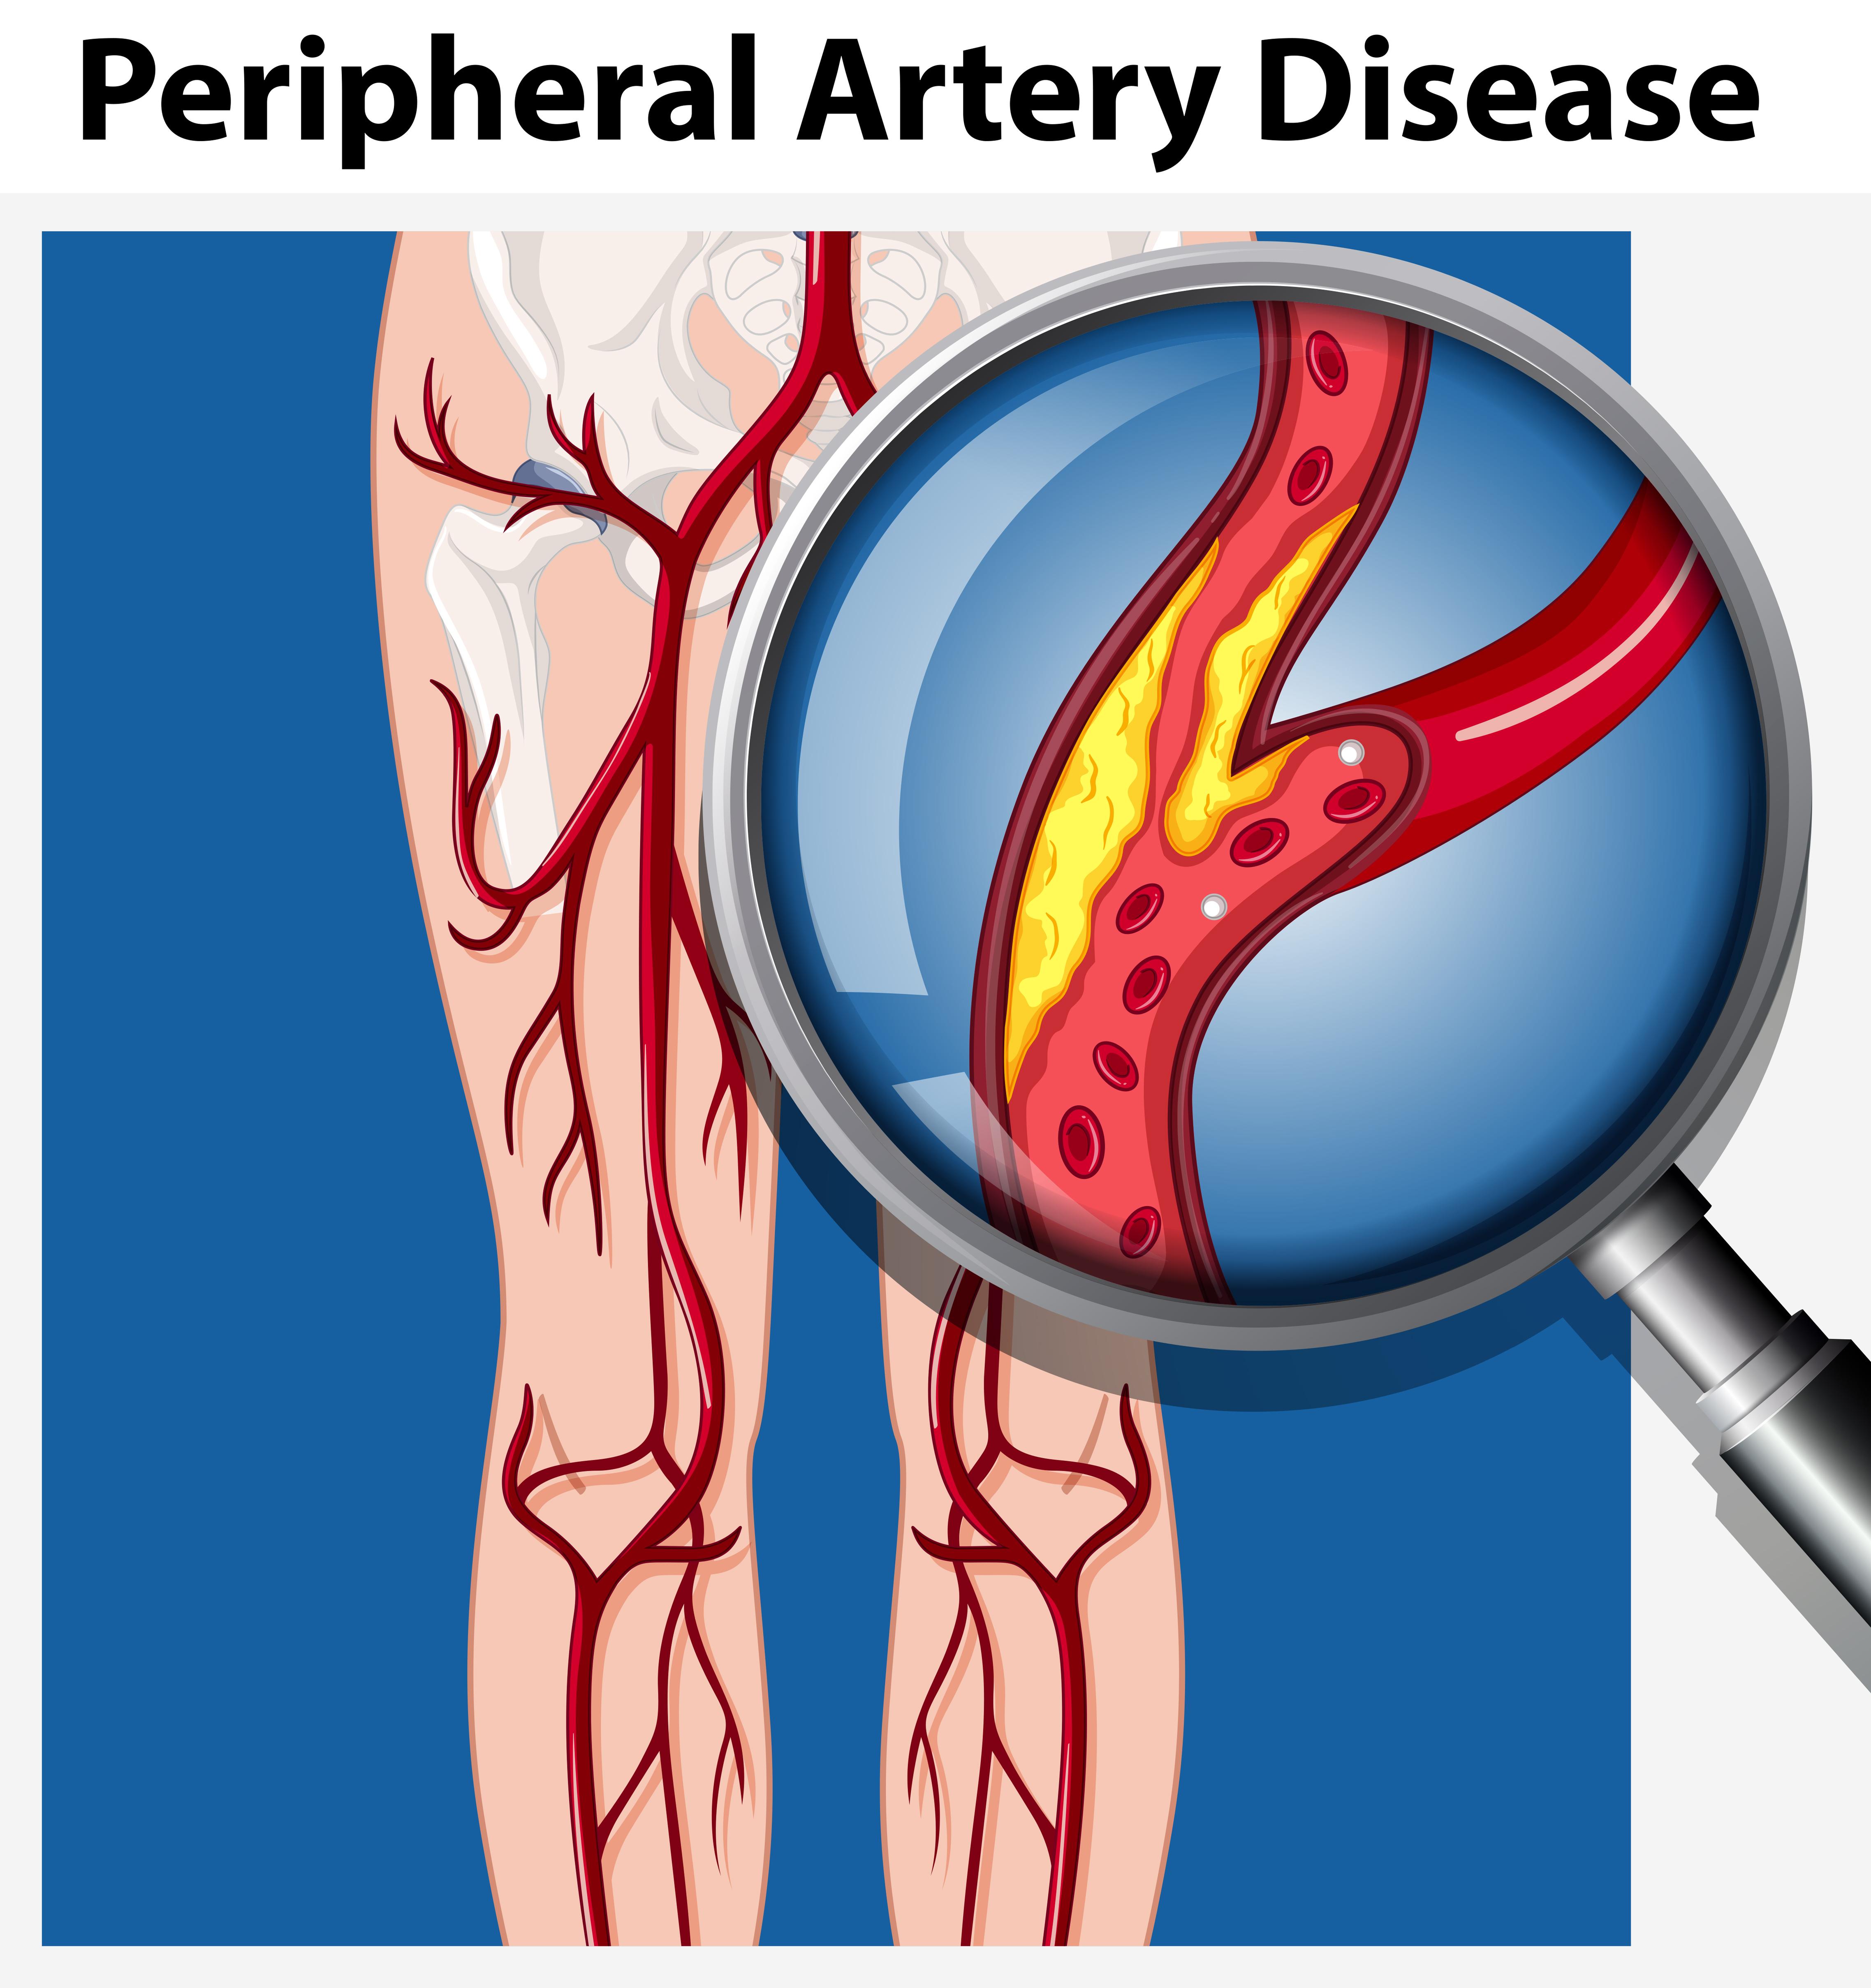 Humano Com Doença Arterial Periférica